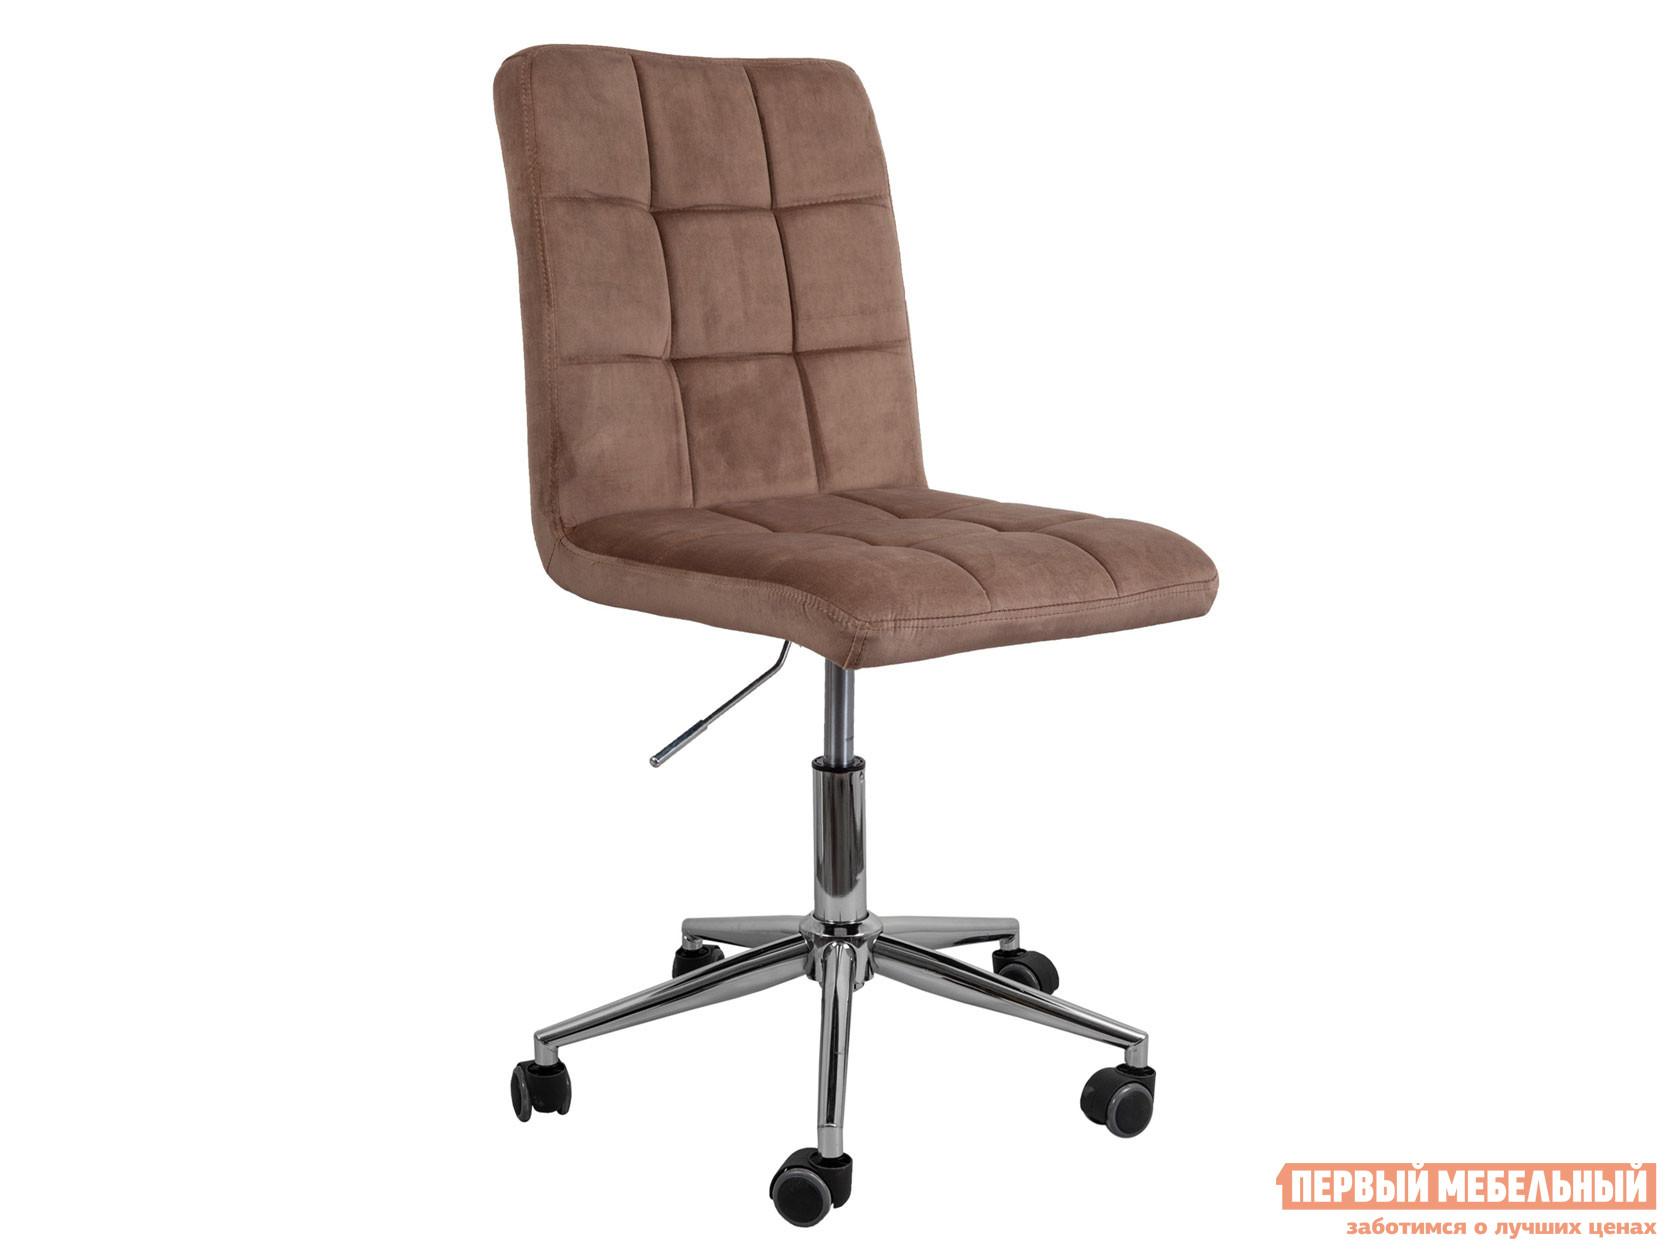 Офисное кресло  Стул FIJI, поворотный Капучино, велюр / Хром Sedia 124843